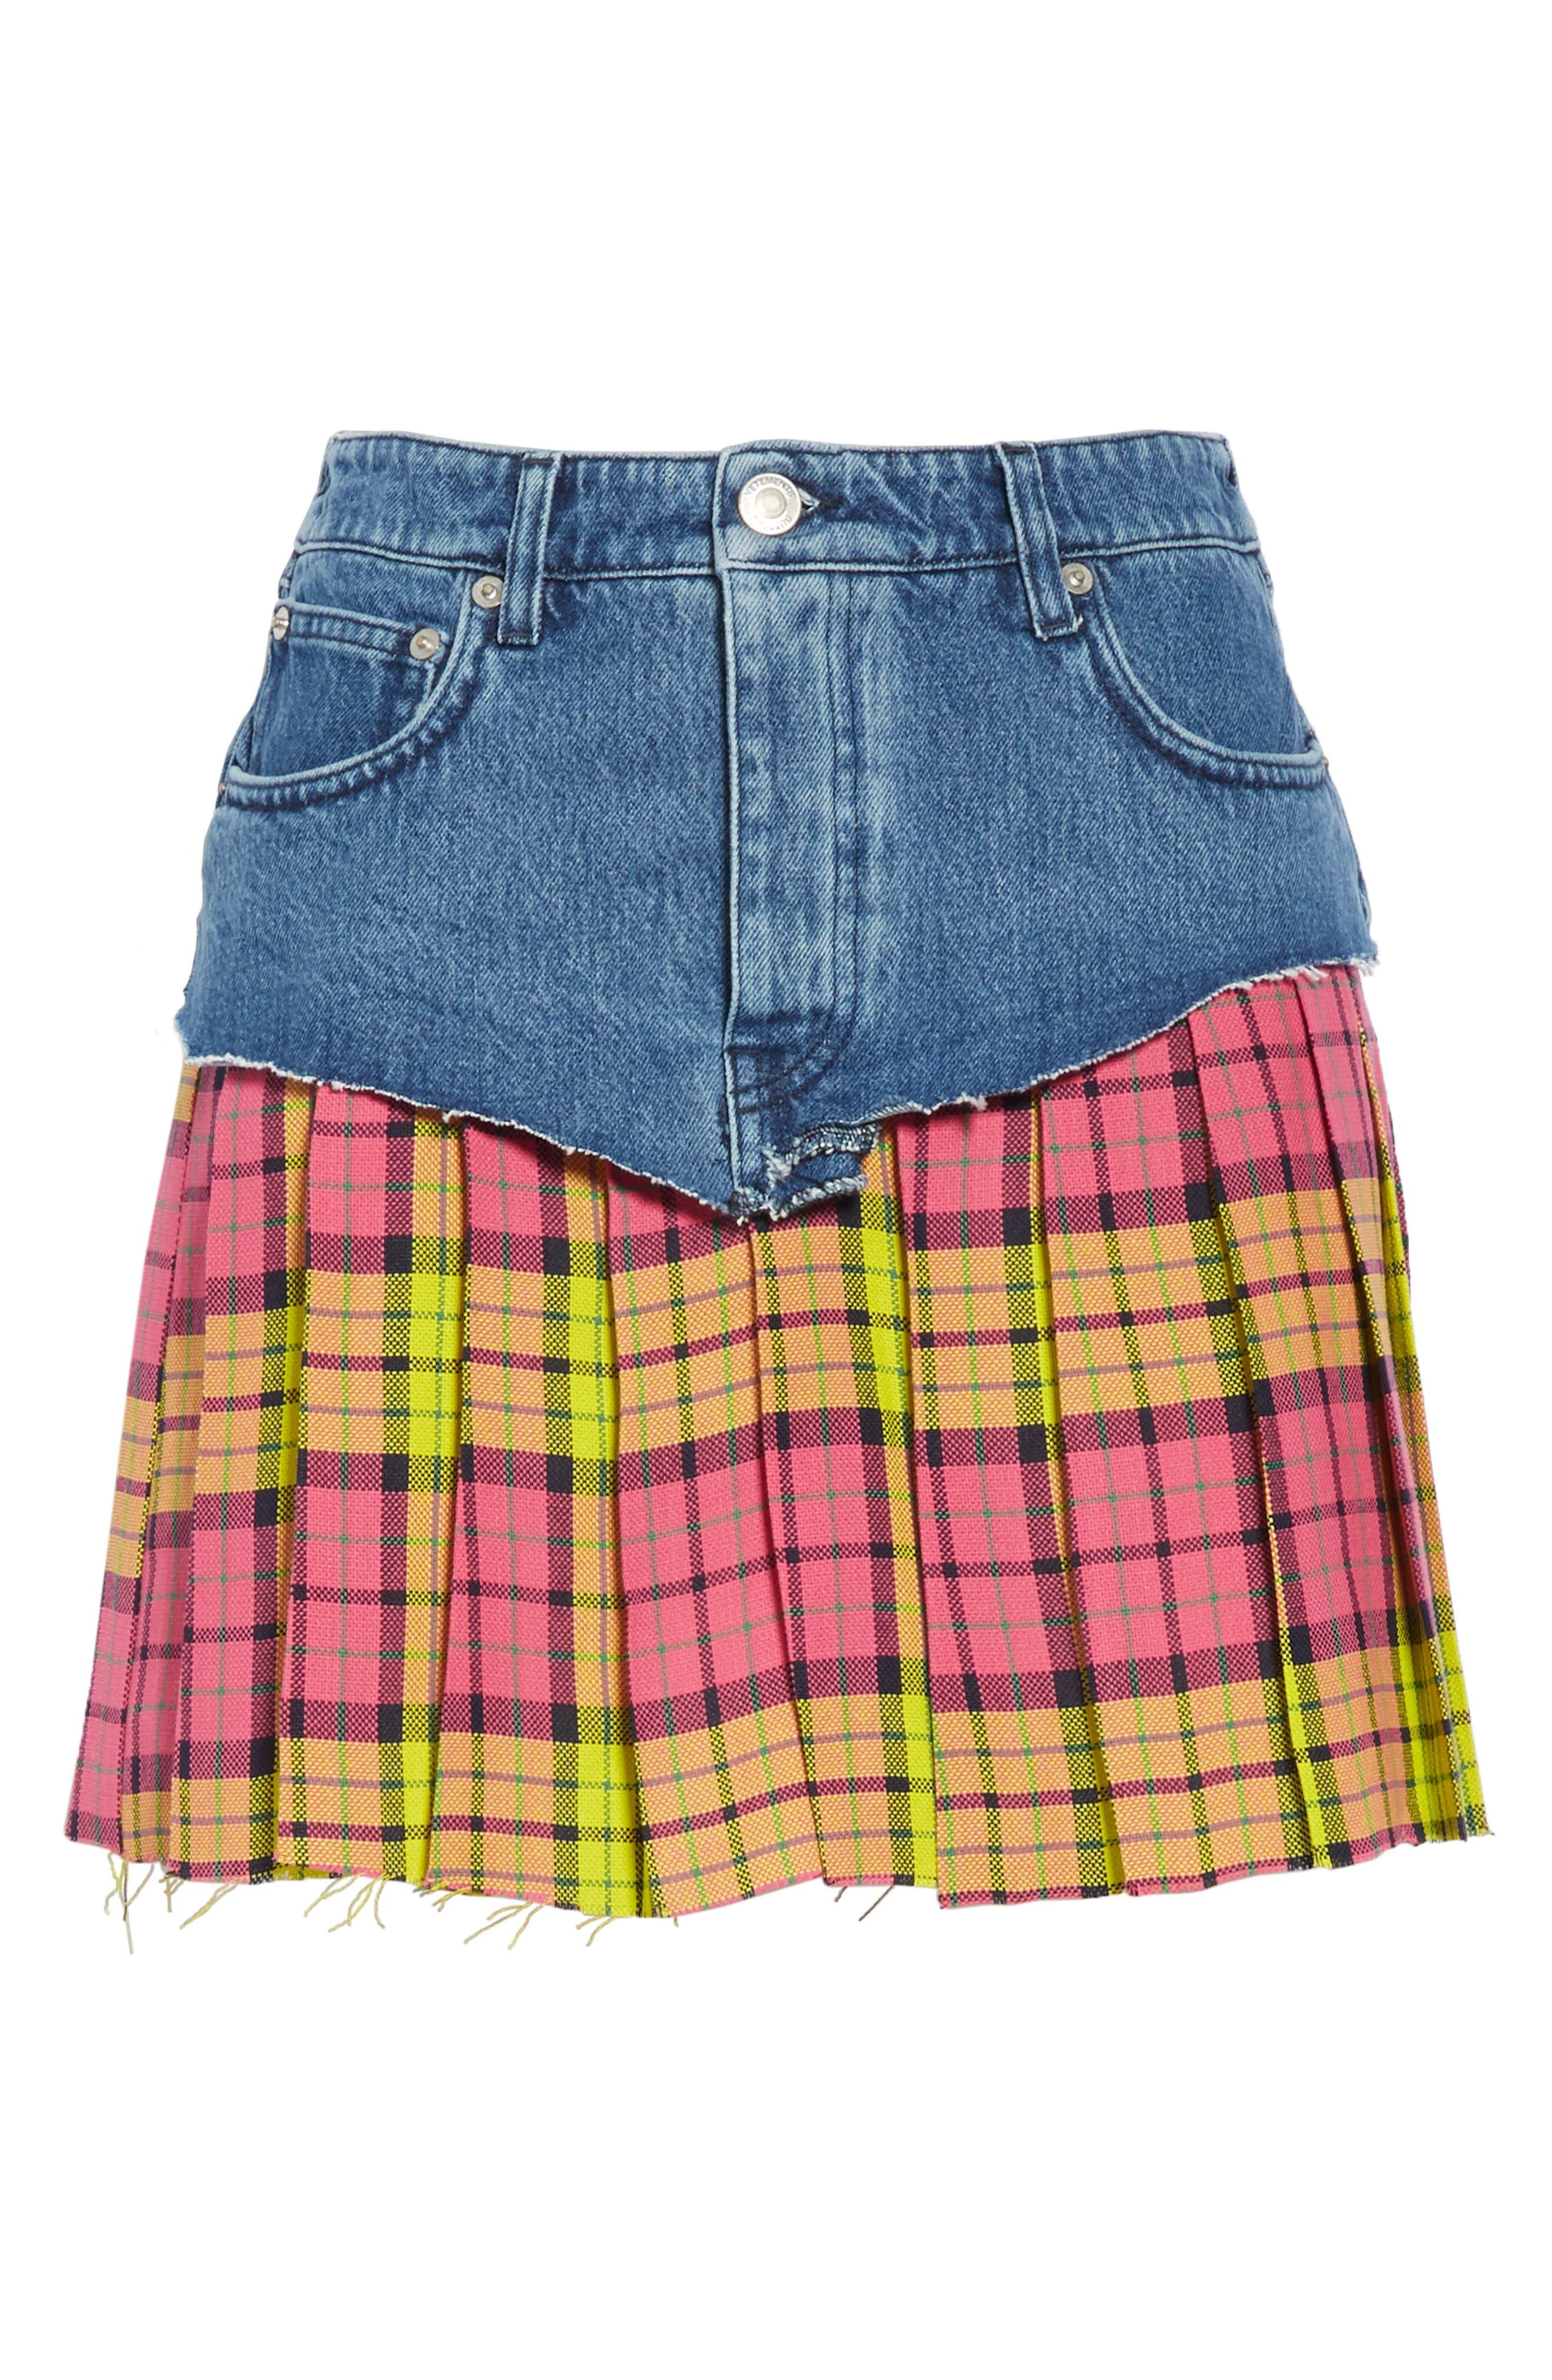 VETEMENTS, Schoolgirl Skirt, Alternate thumbnail 6, color, BLUE